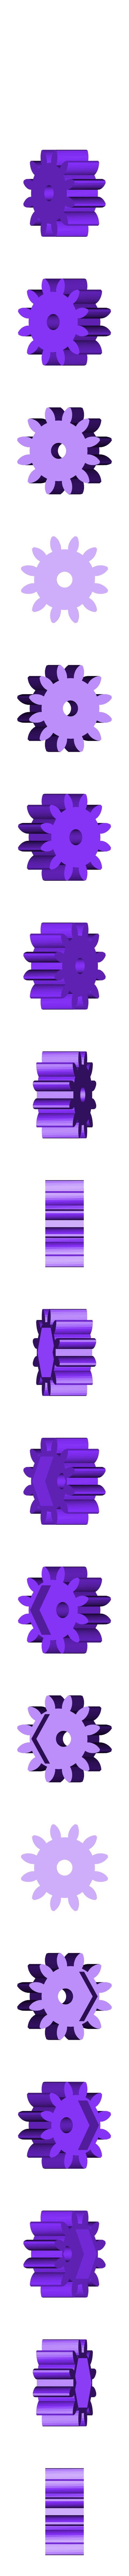 Metric_-_Spur_gear_2M_12T_20PA_12FW_---S12N75H50L5N.STL Télécharger fichier STL gratuit Réducteur uniforme et évolutif (1:256) • Design imprimable en 3D, Ghashnarb